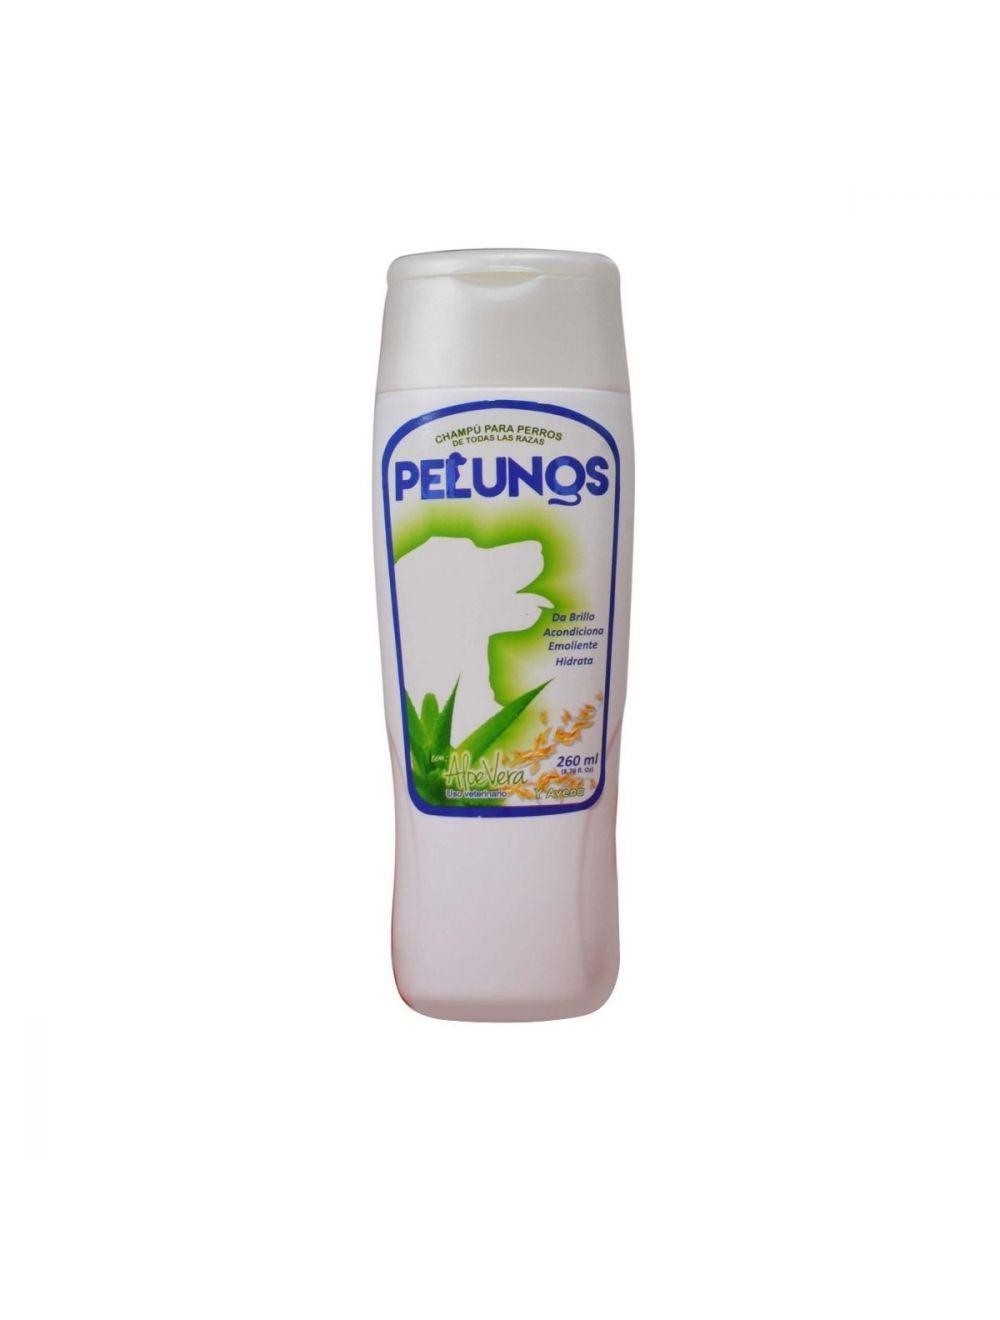 Champú 4 en 1 Pelunos con Aloe vera y Avena 260ml - Ciudaddemascotas.com